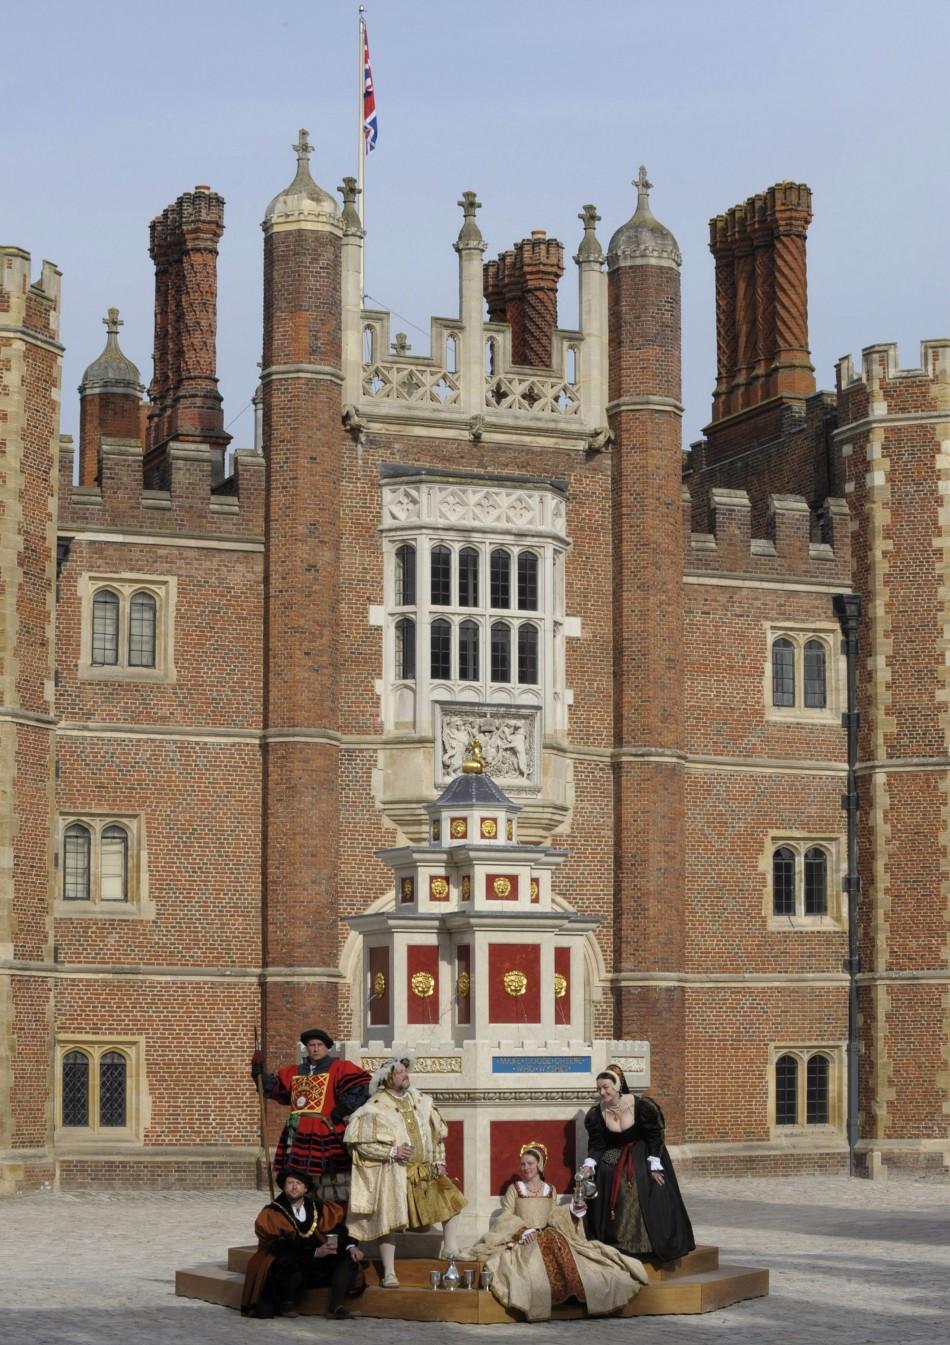 July 27 - Hampton Court of Palace